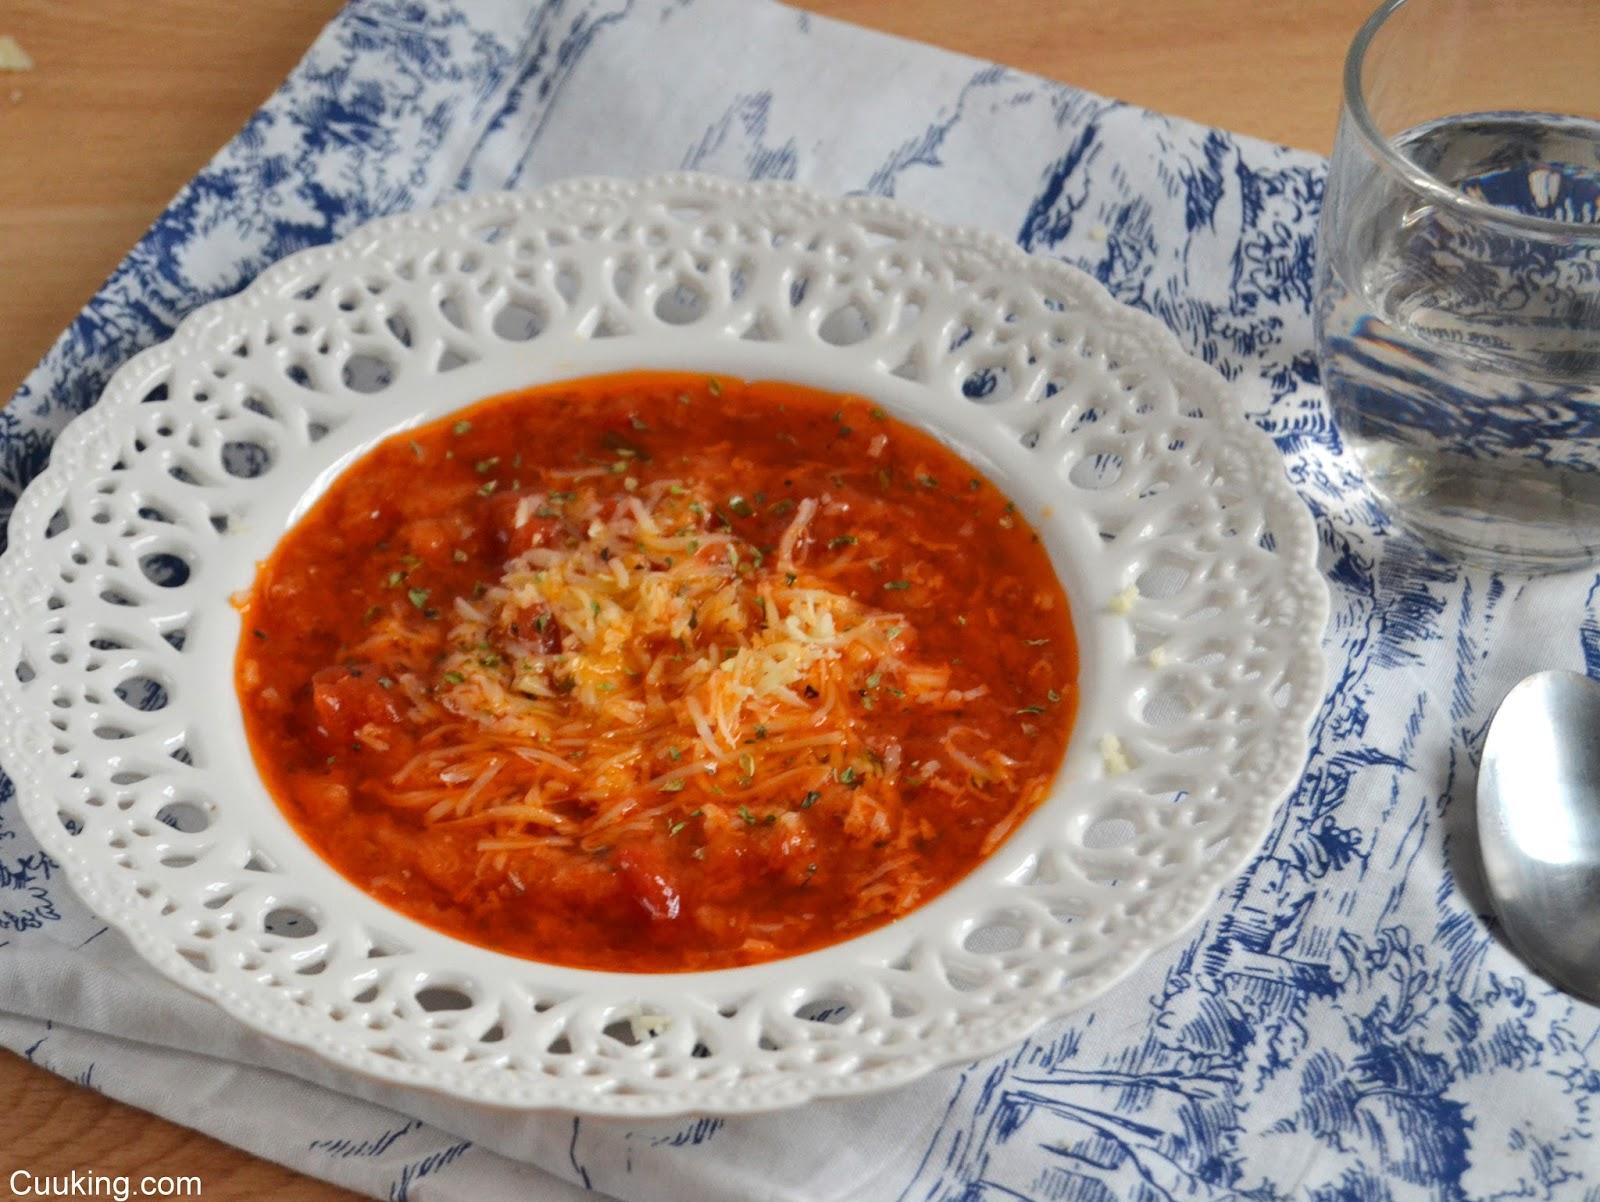 Pappa al pomodoro (Sopa italiana de tomate)